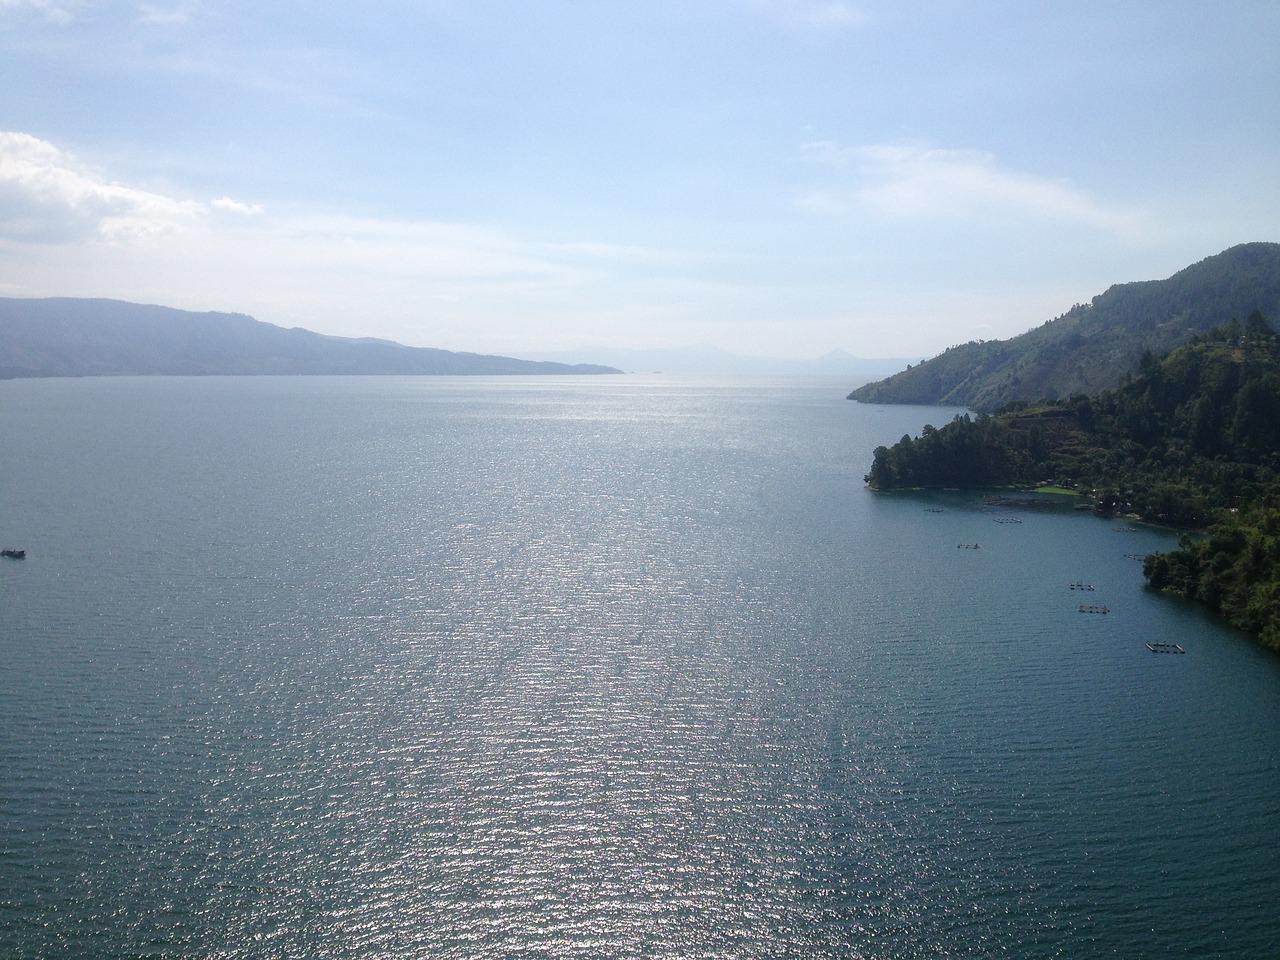 lake-toba-2336928_1280